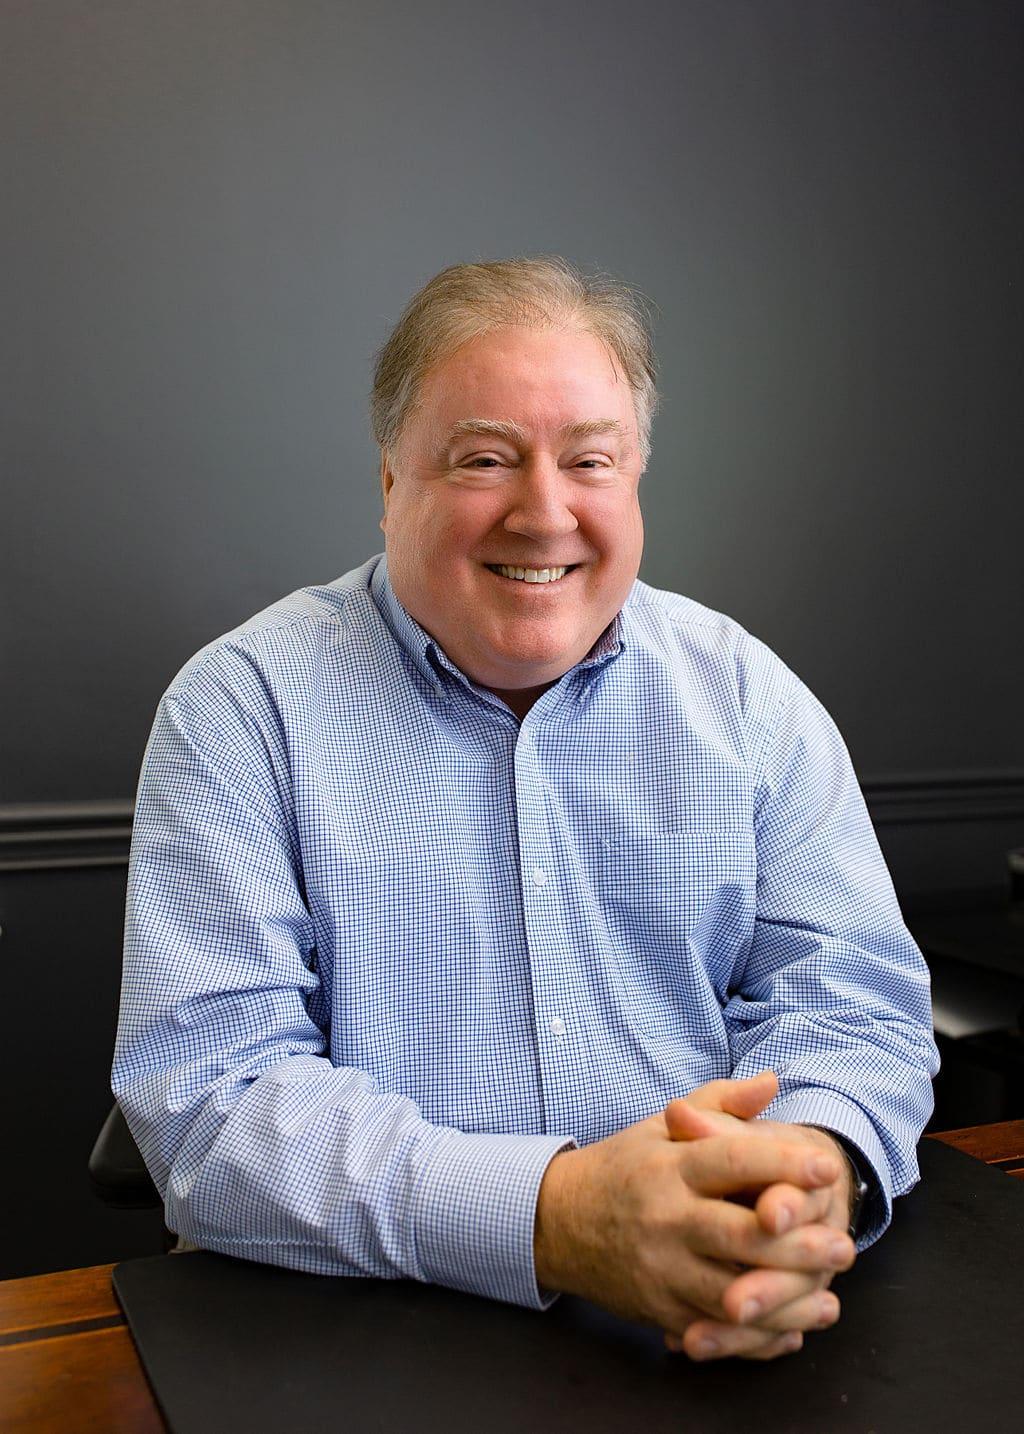 Greg Bellamy